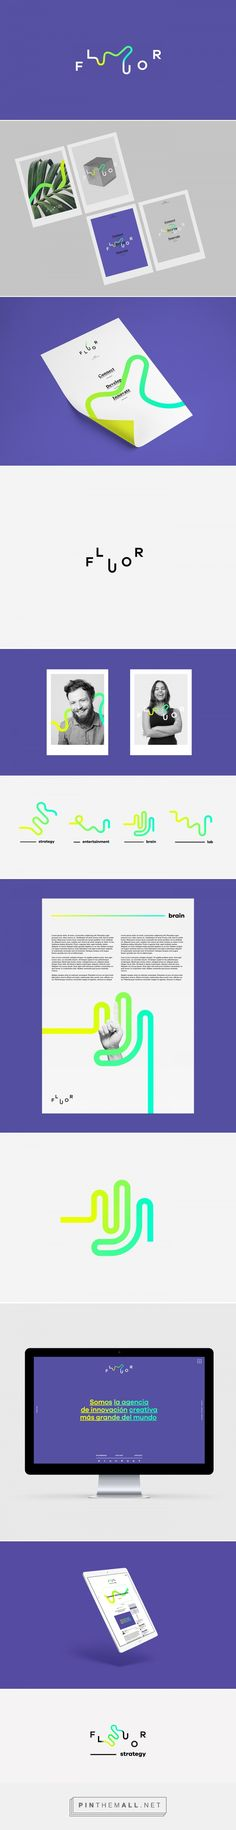 Fluor Naming & Branding on Behance